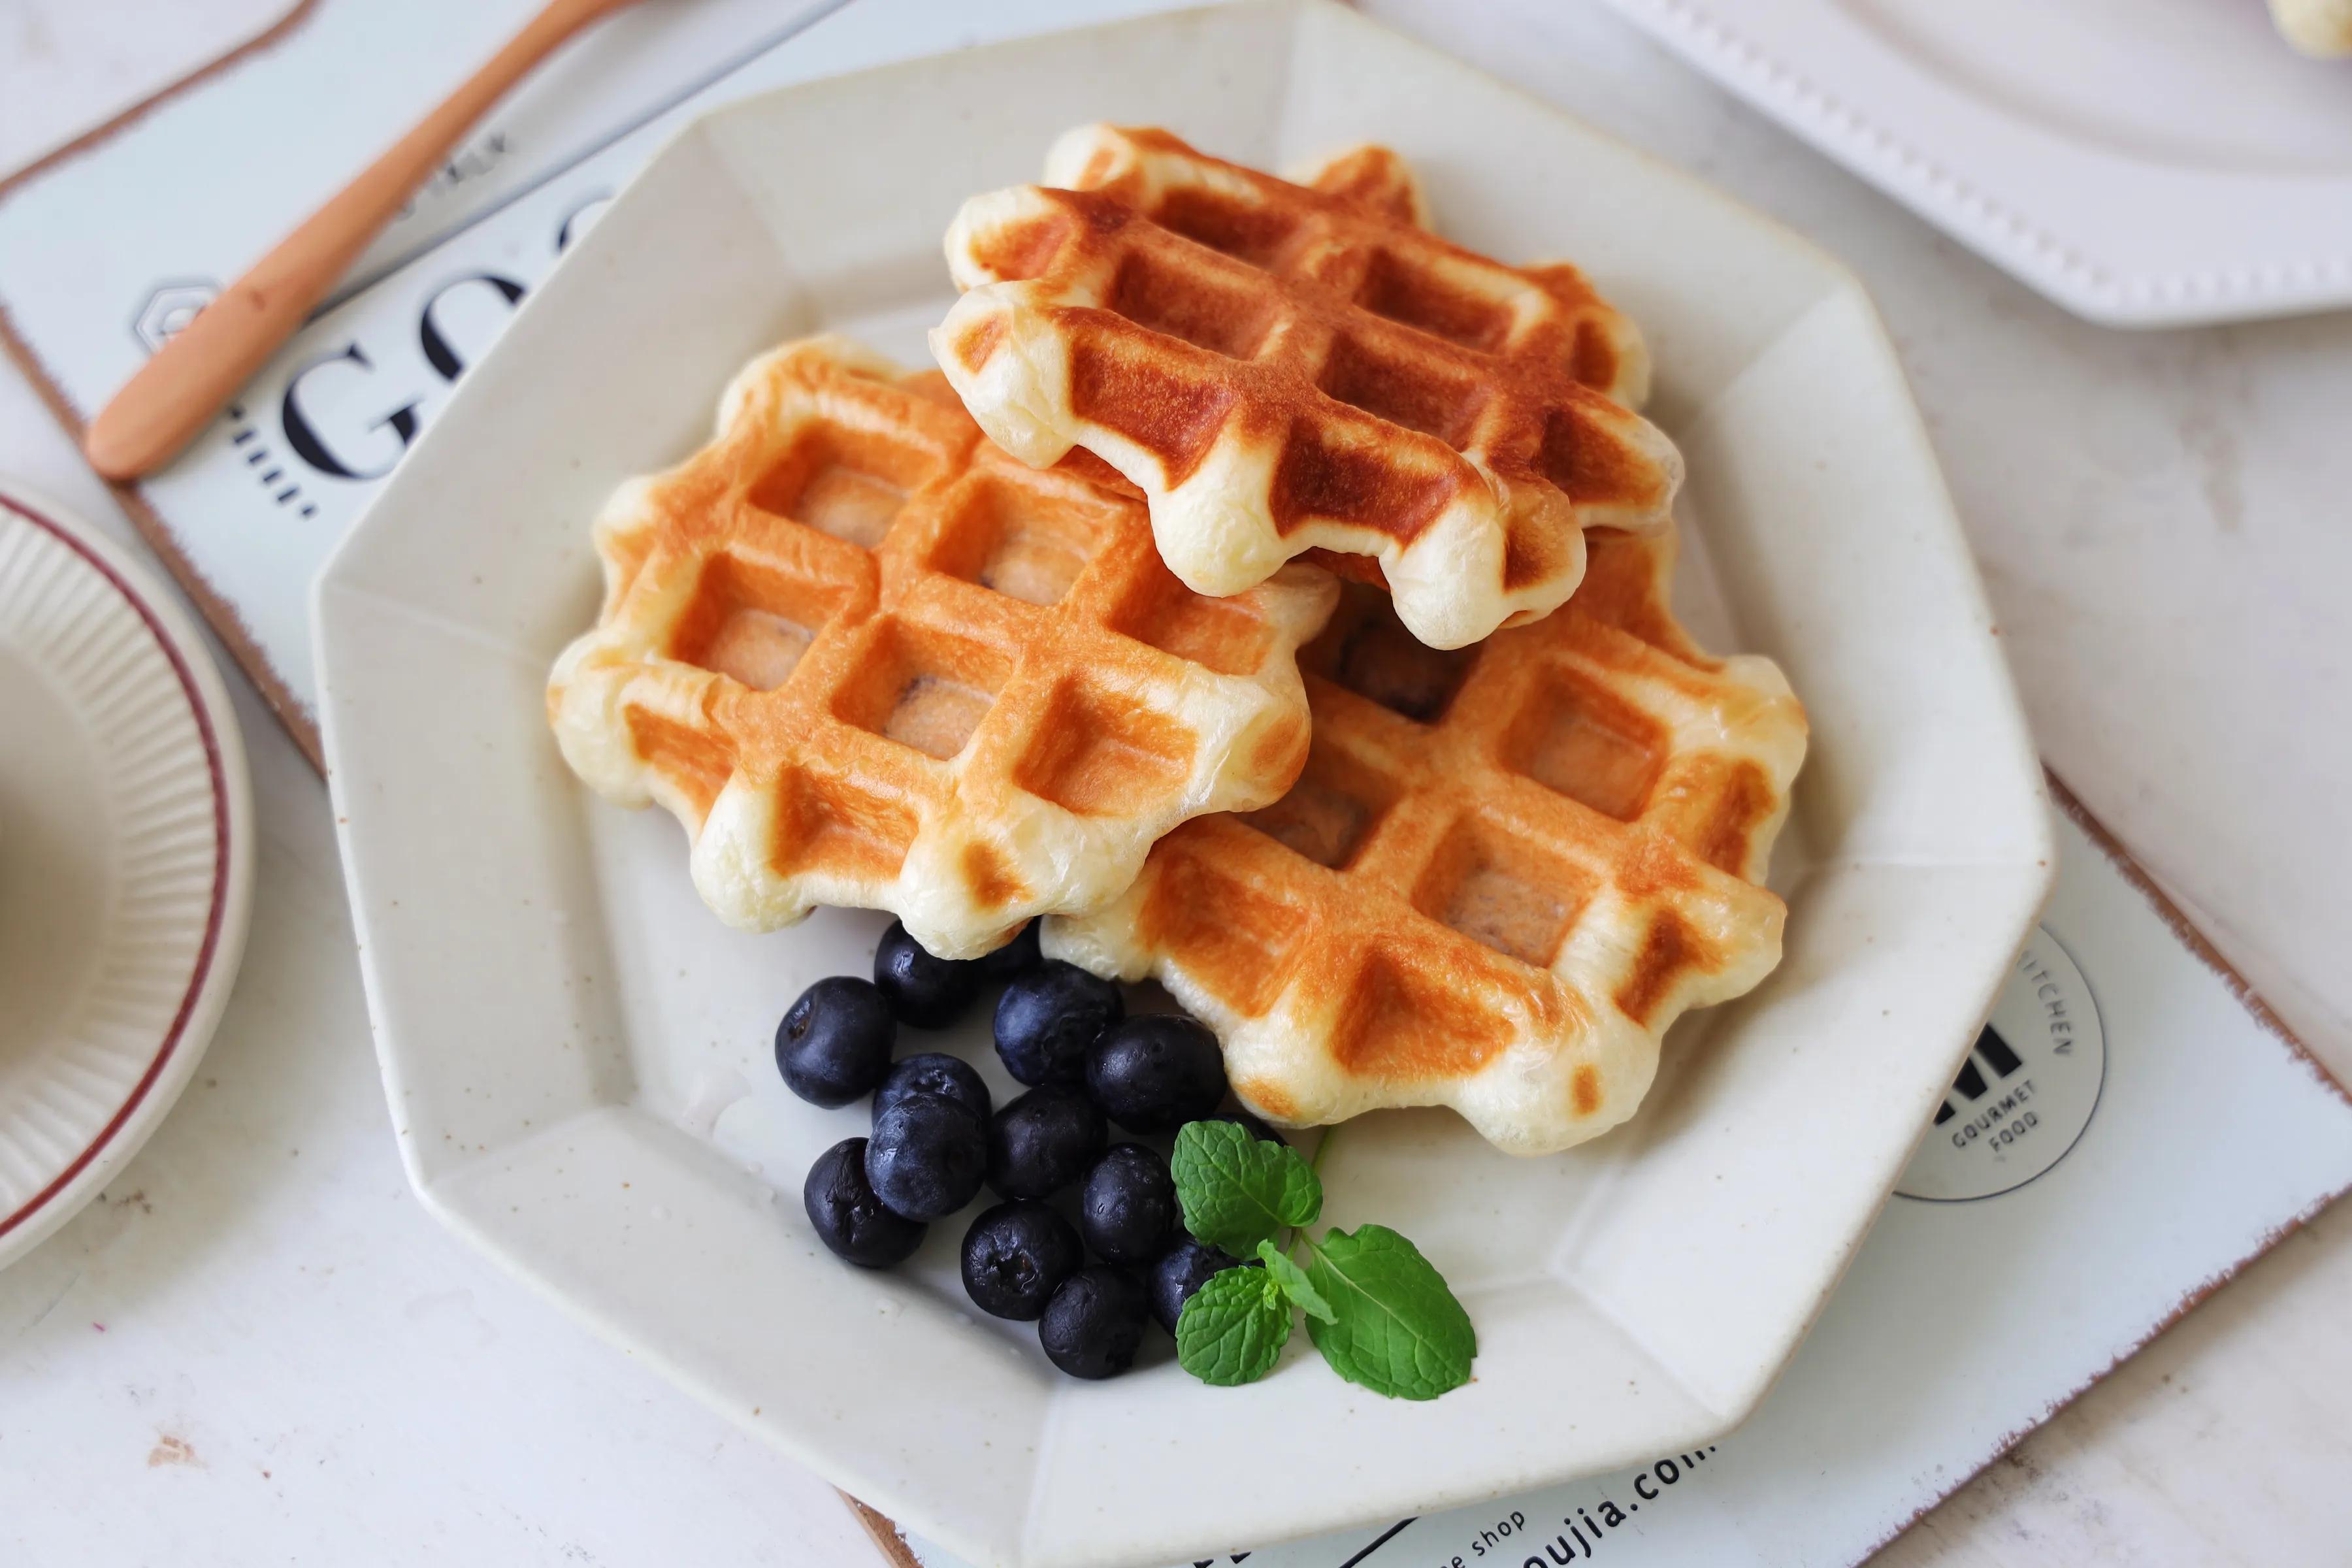 天热,快手早餐要这样吃,营养全面,孩子爱吃,15天可以不用早起